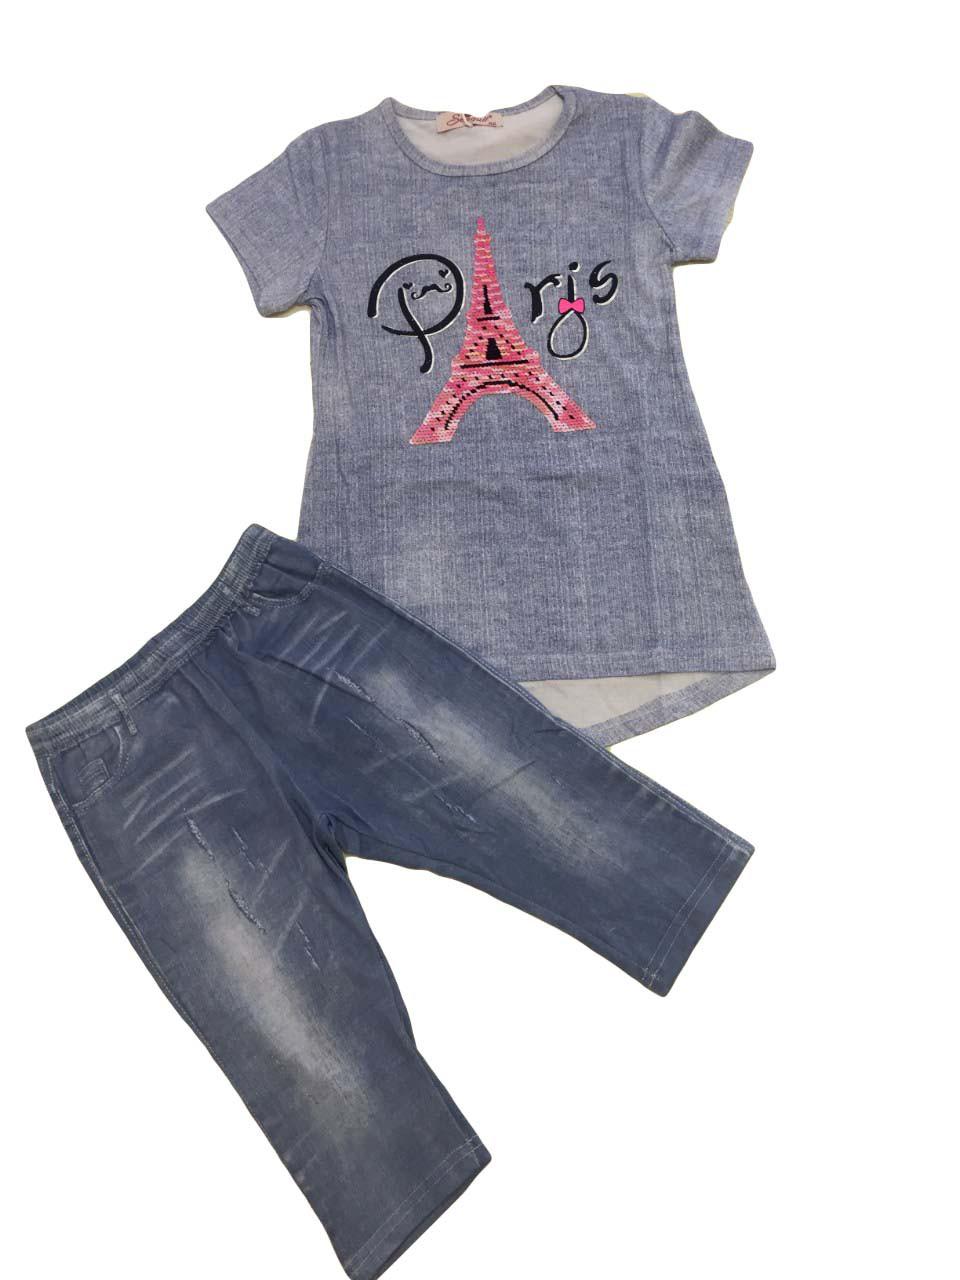 Комплект летний для девочки опт, размеры 6-14 лет, Seagull , арт. CSQ-58511